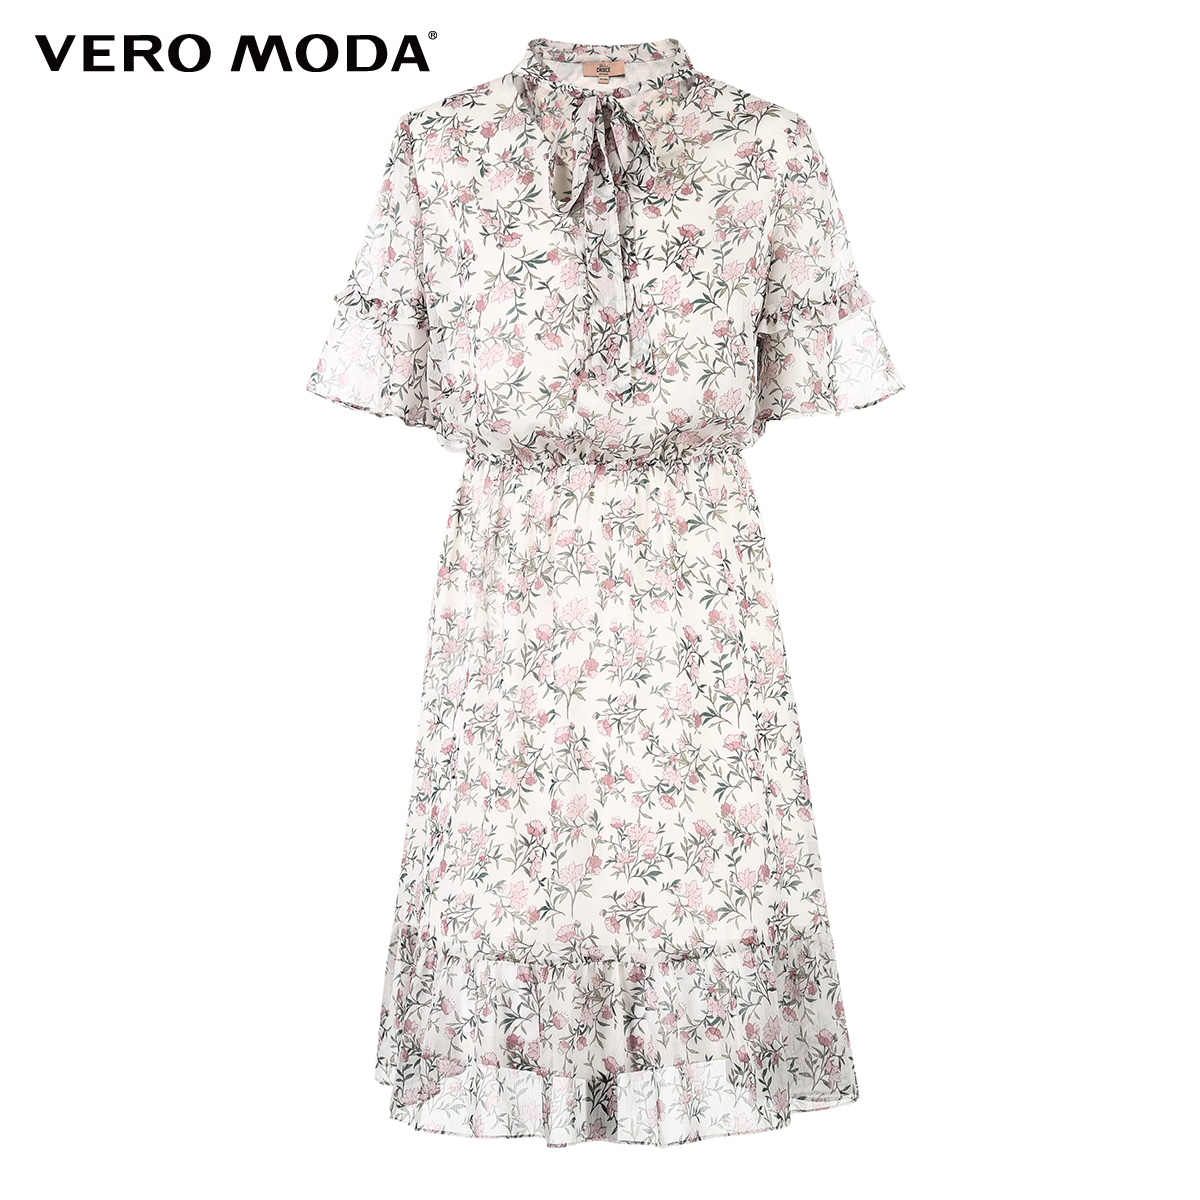 Vero Moda Tie-Up Floral Lengan Musim Panas Pantai Gaun 2019   31816Z509